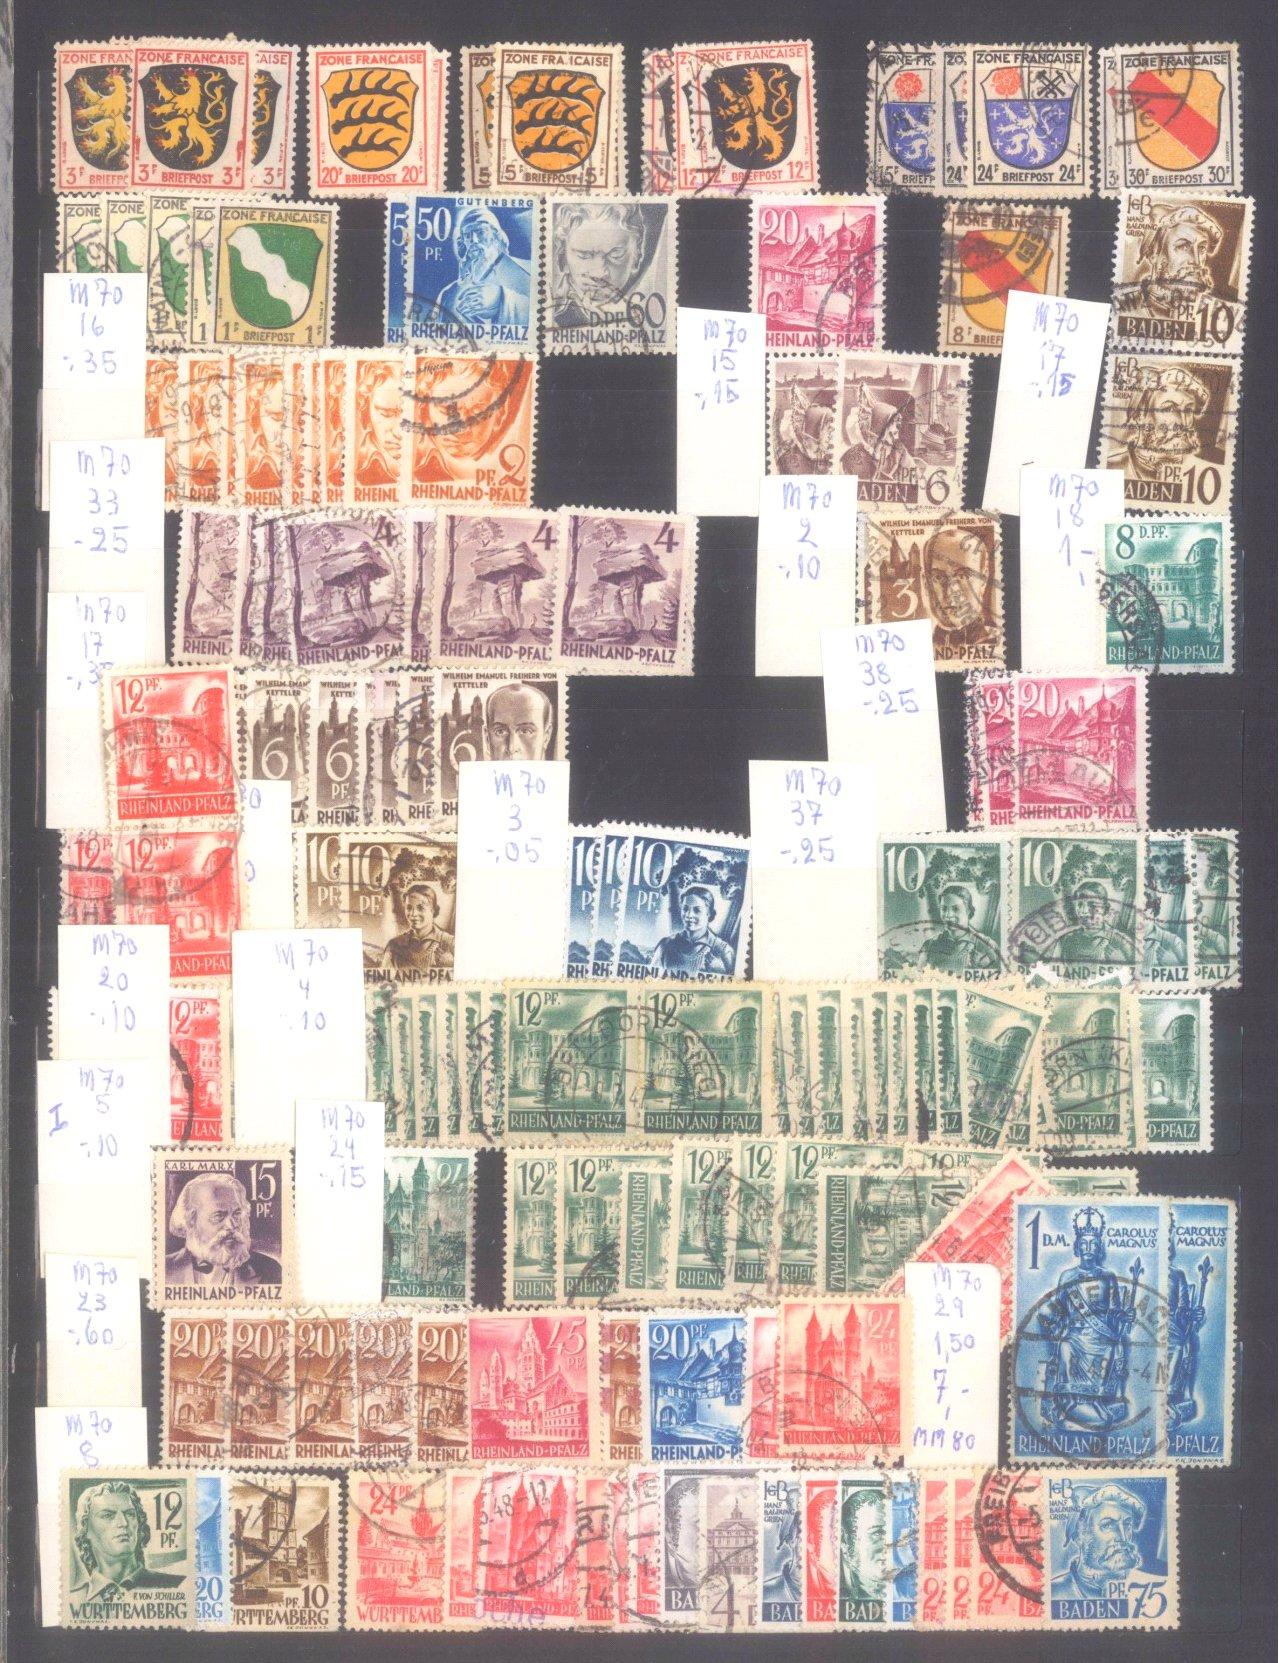 Mannheimer Briefmarkennachlass-27